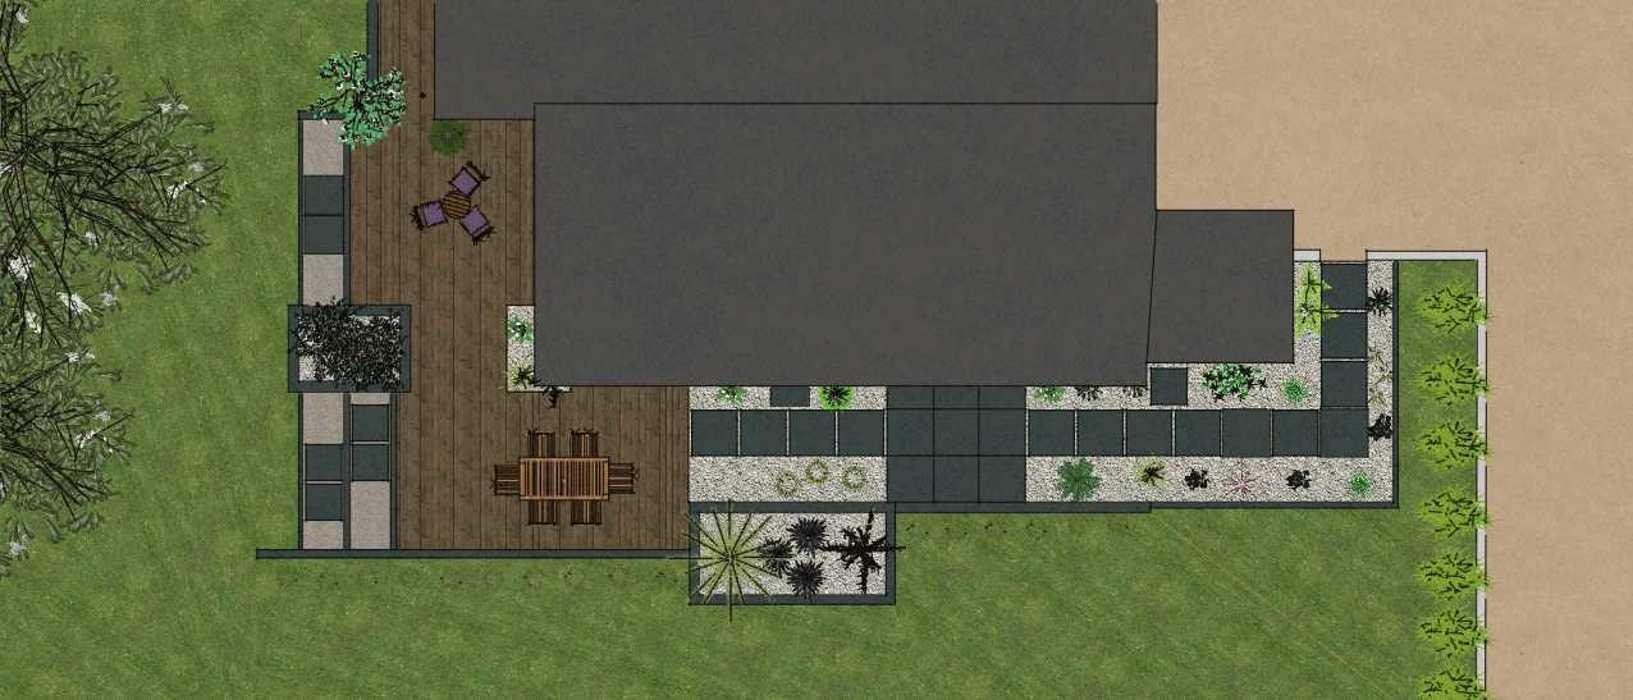 Terrasses communicantes sur différents niveaux renault3d8